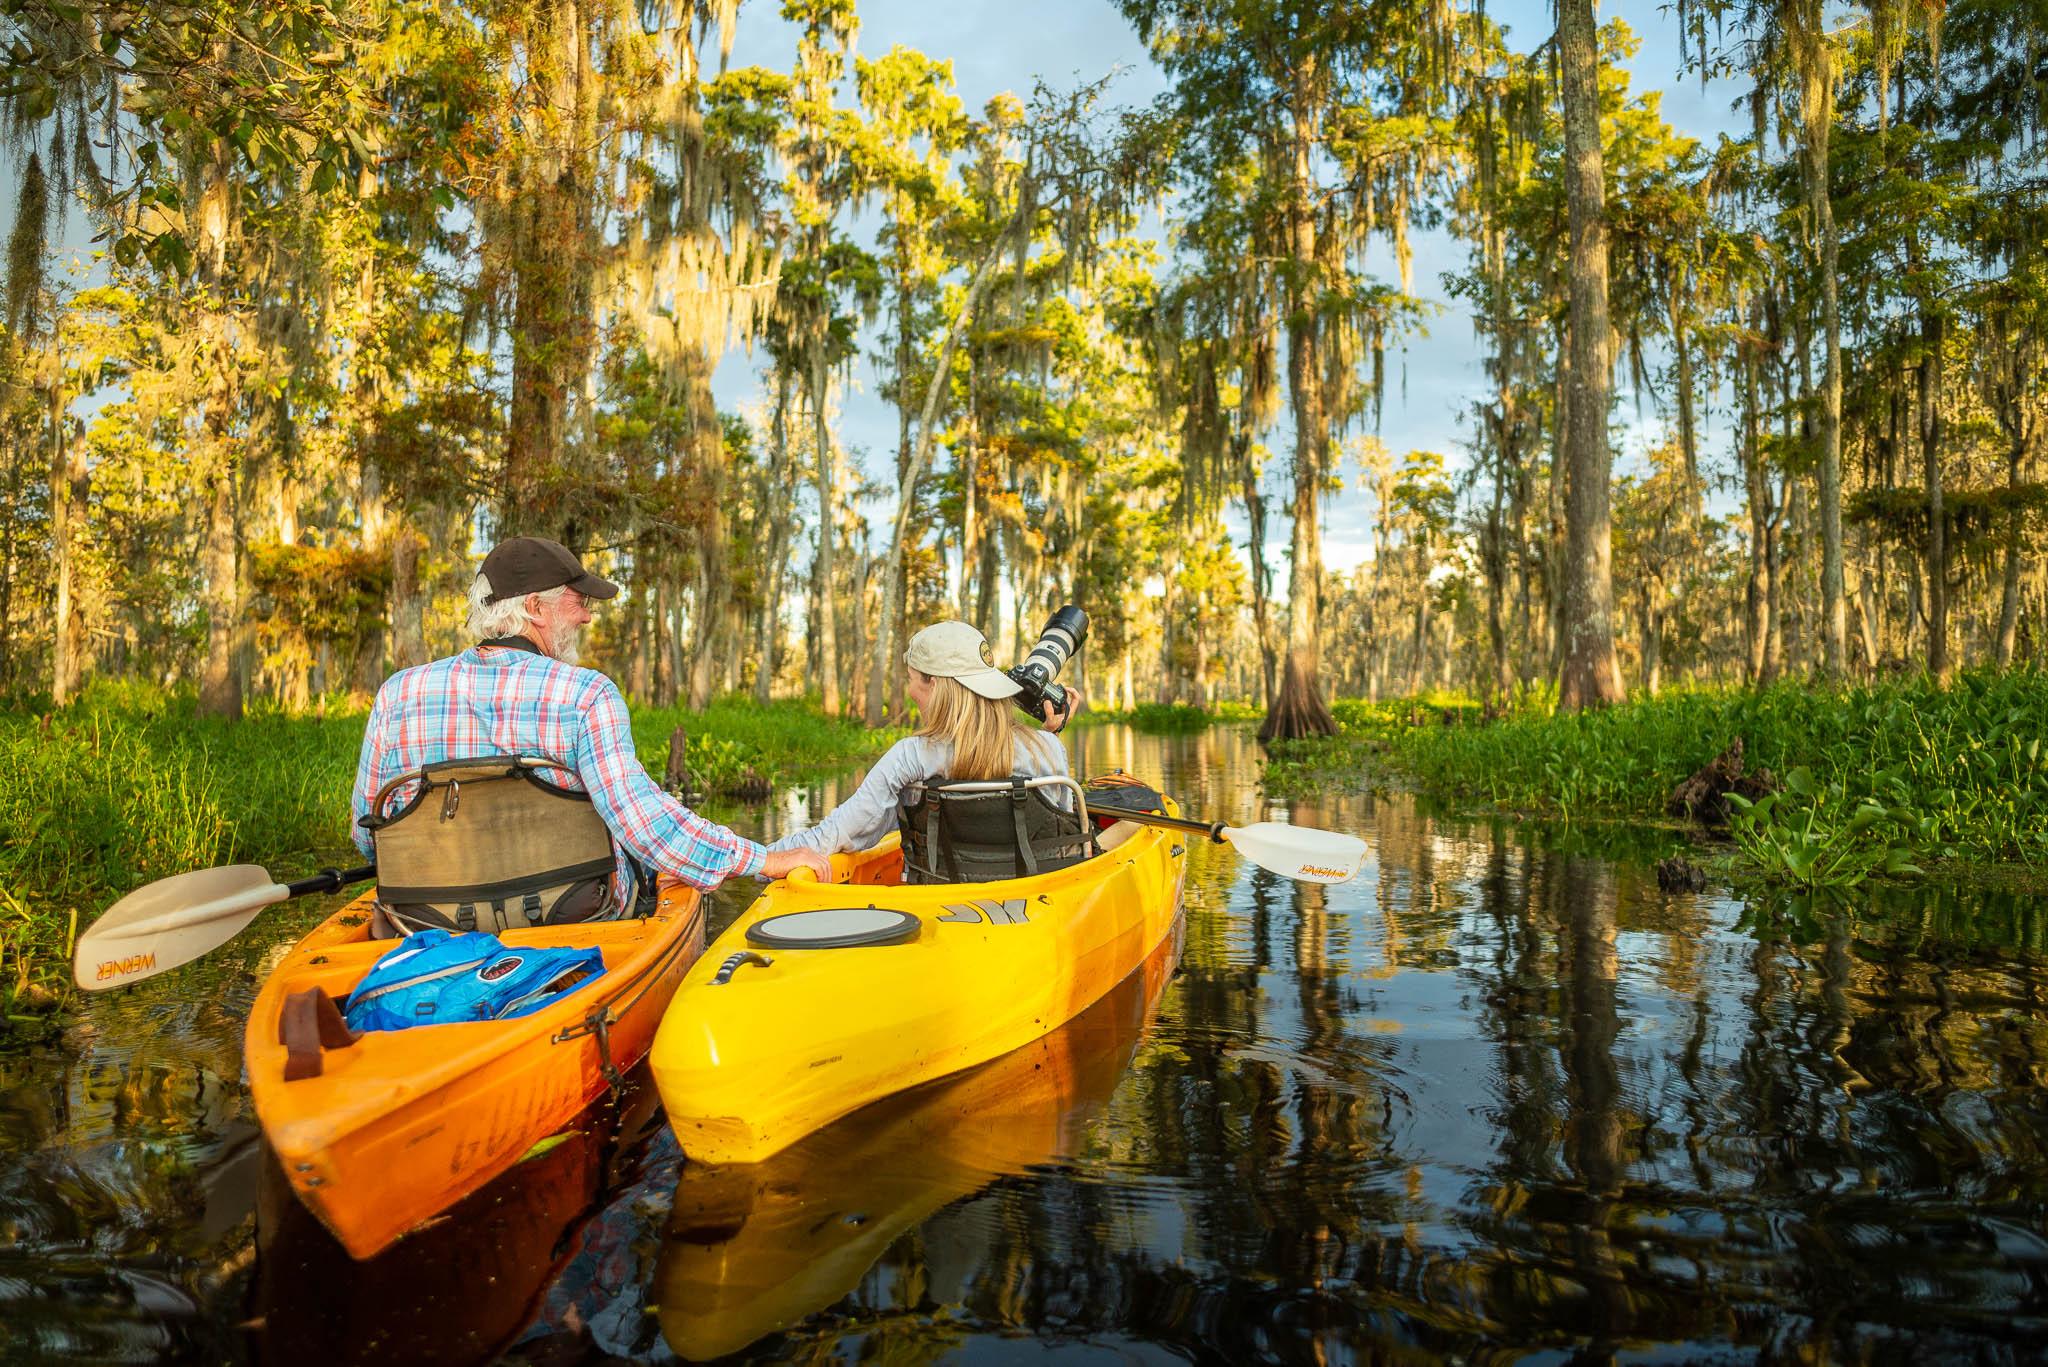 kayak, kayak tour, kayak tour new orleans, kayaking new orleans, kayak swamp tour